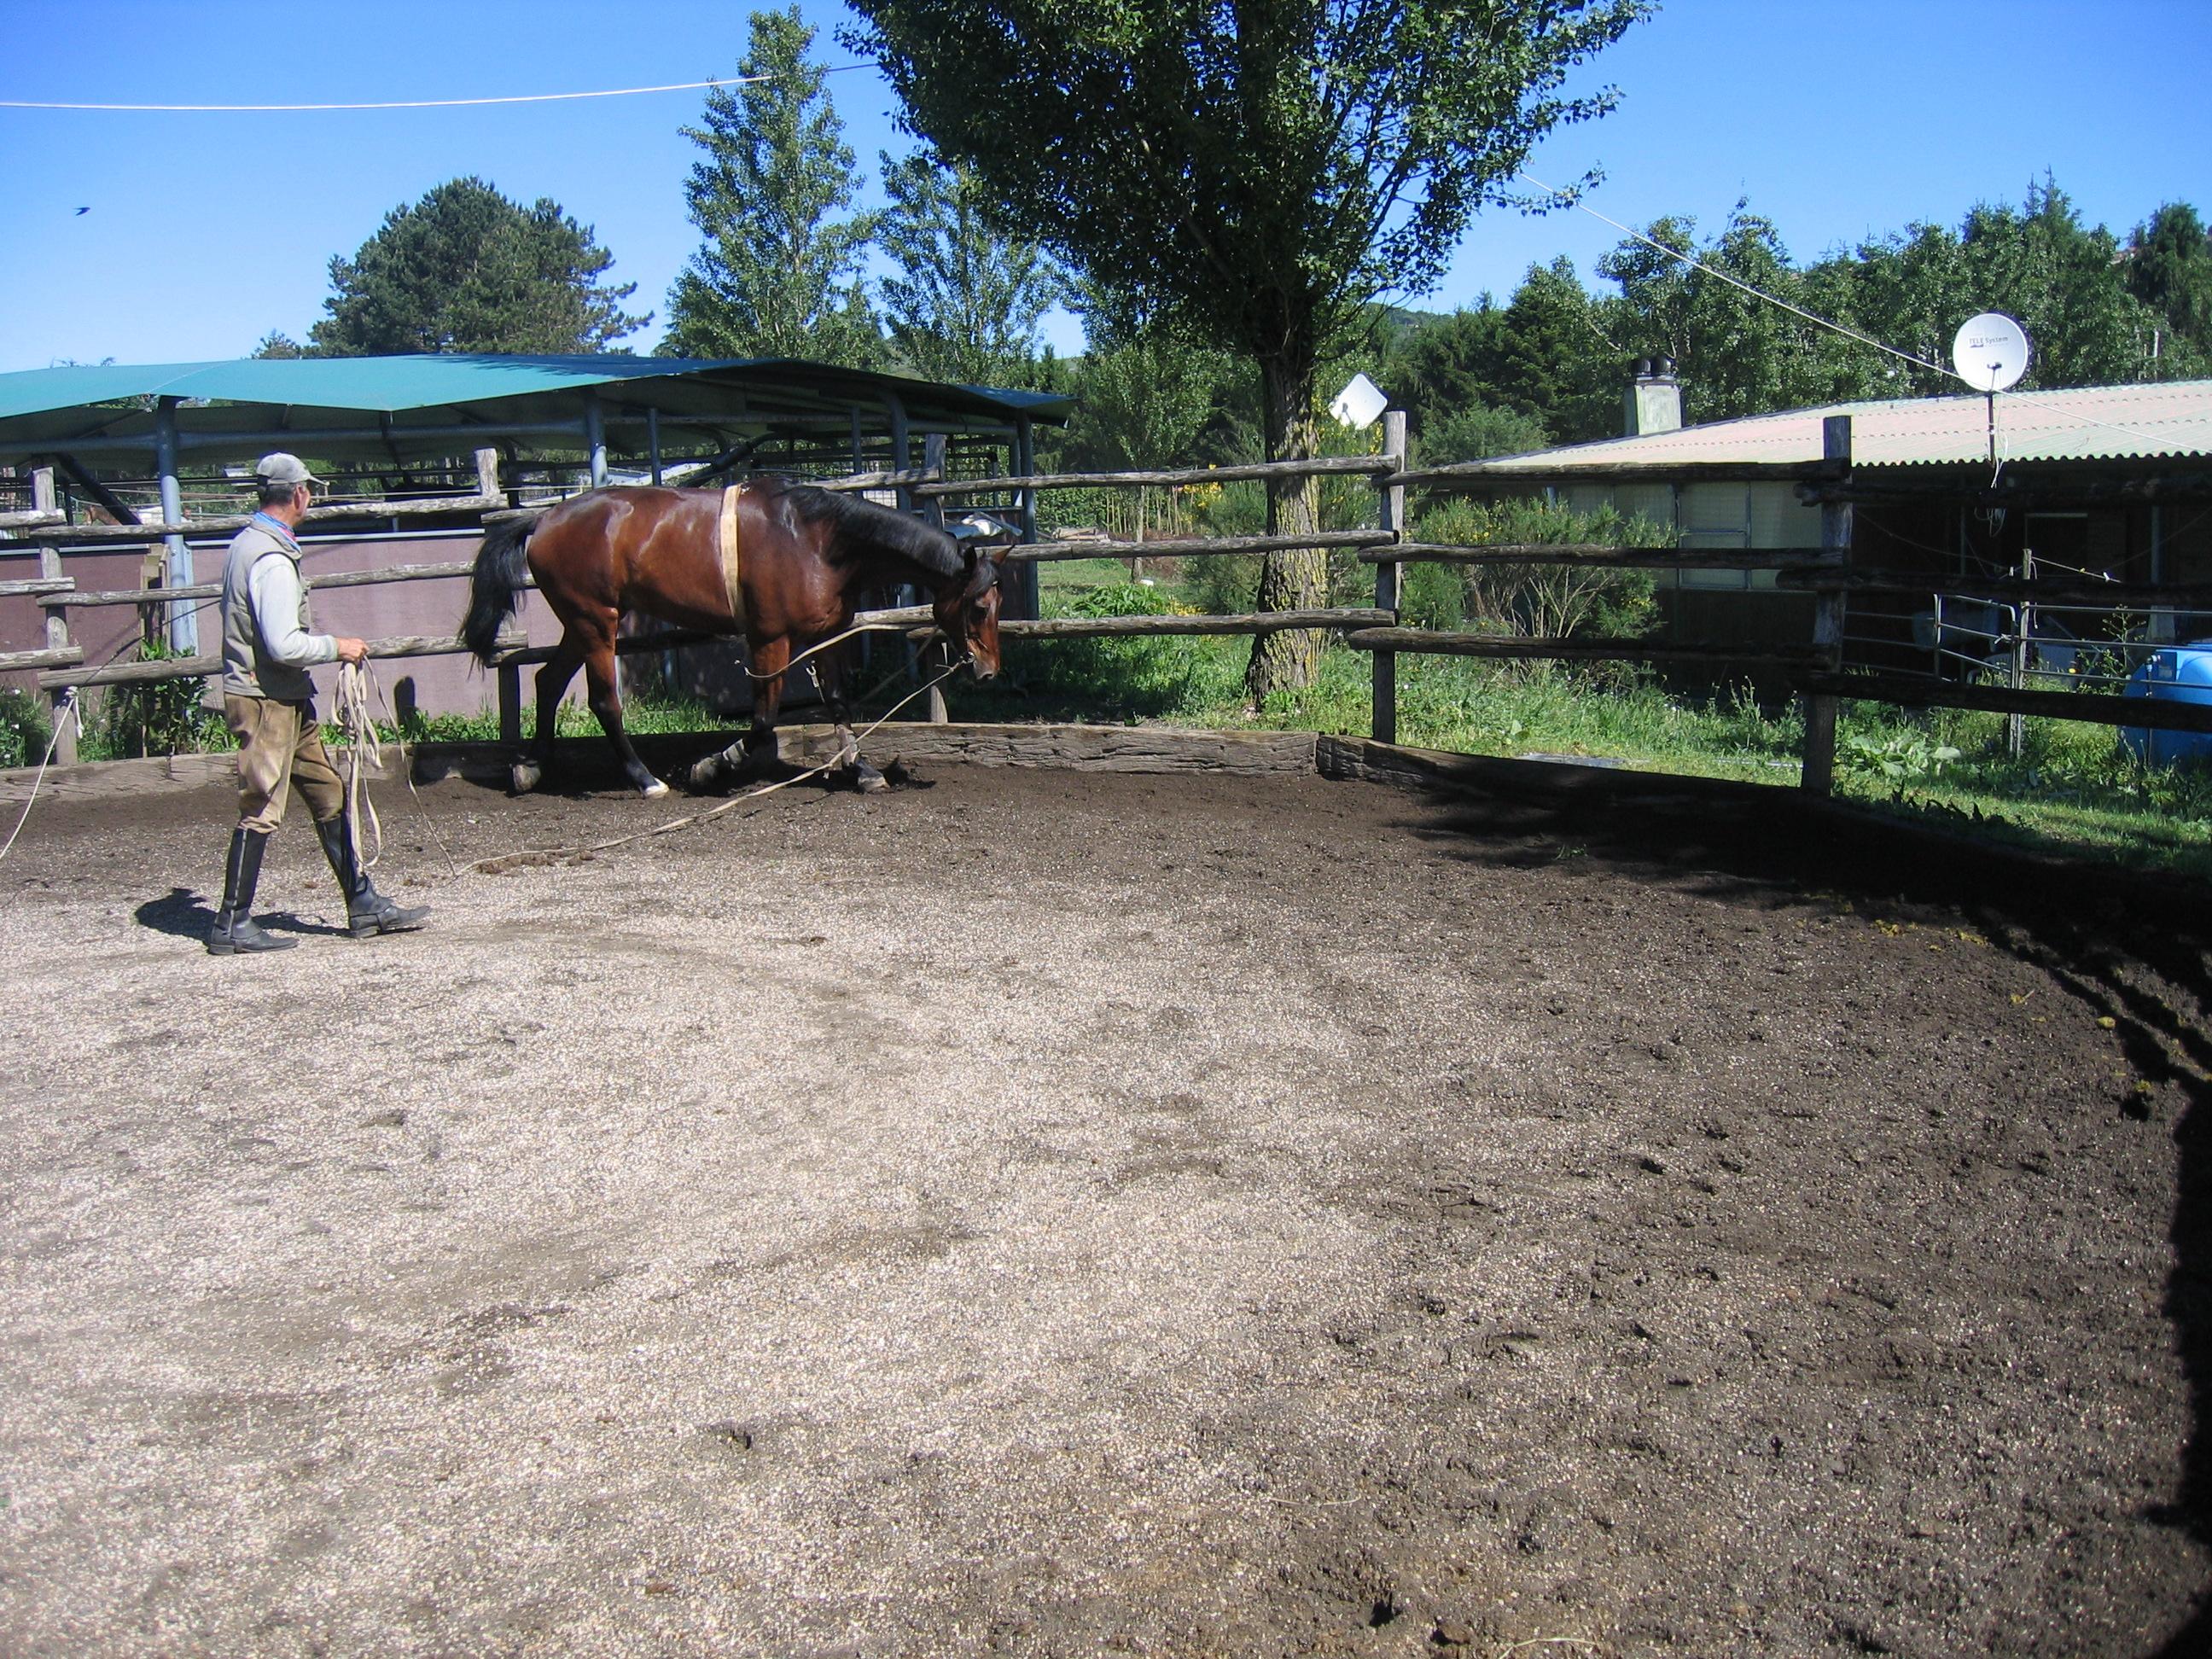 Tondino Per Cavalli.Costruzione Di Un Tondino La Striglia